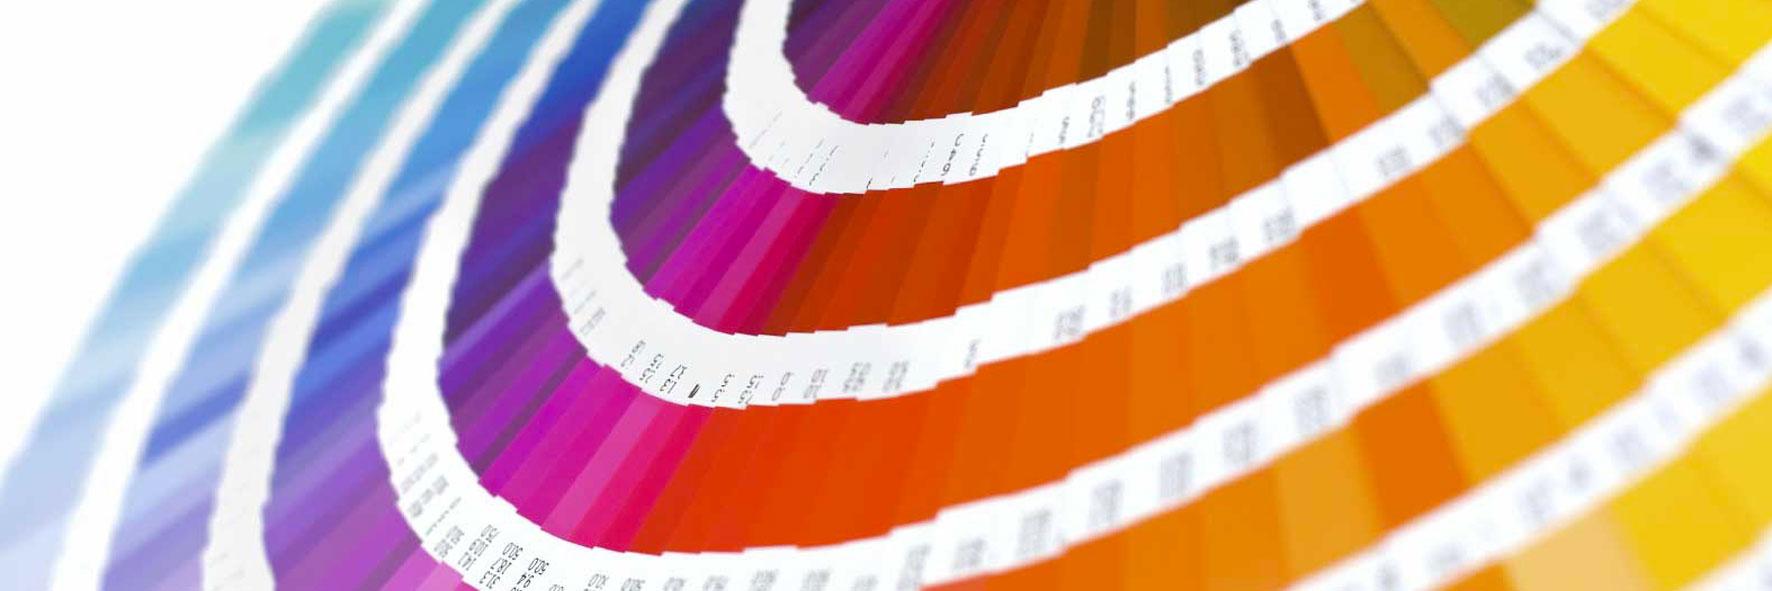 Gierre scegliere colori giusti per la grafica